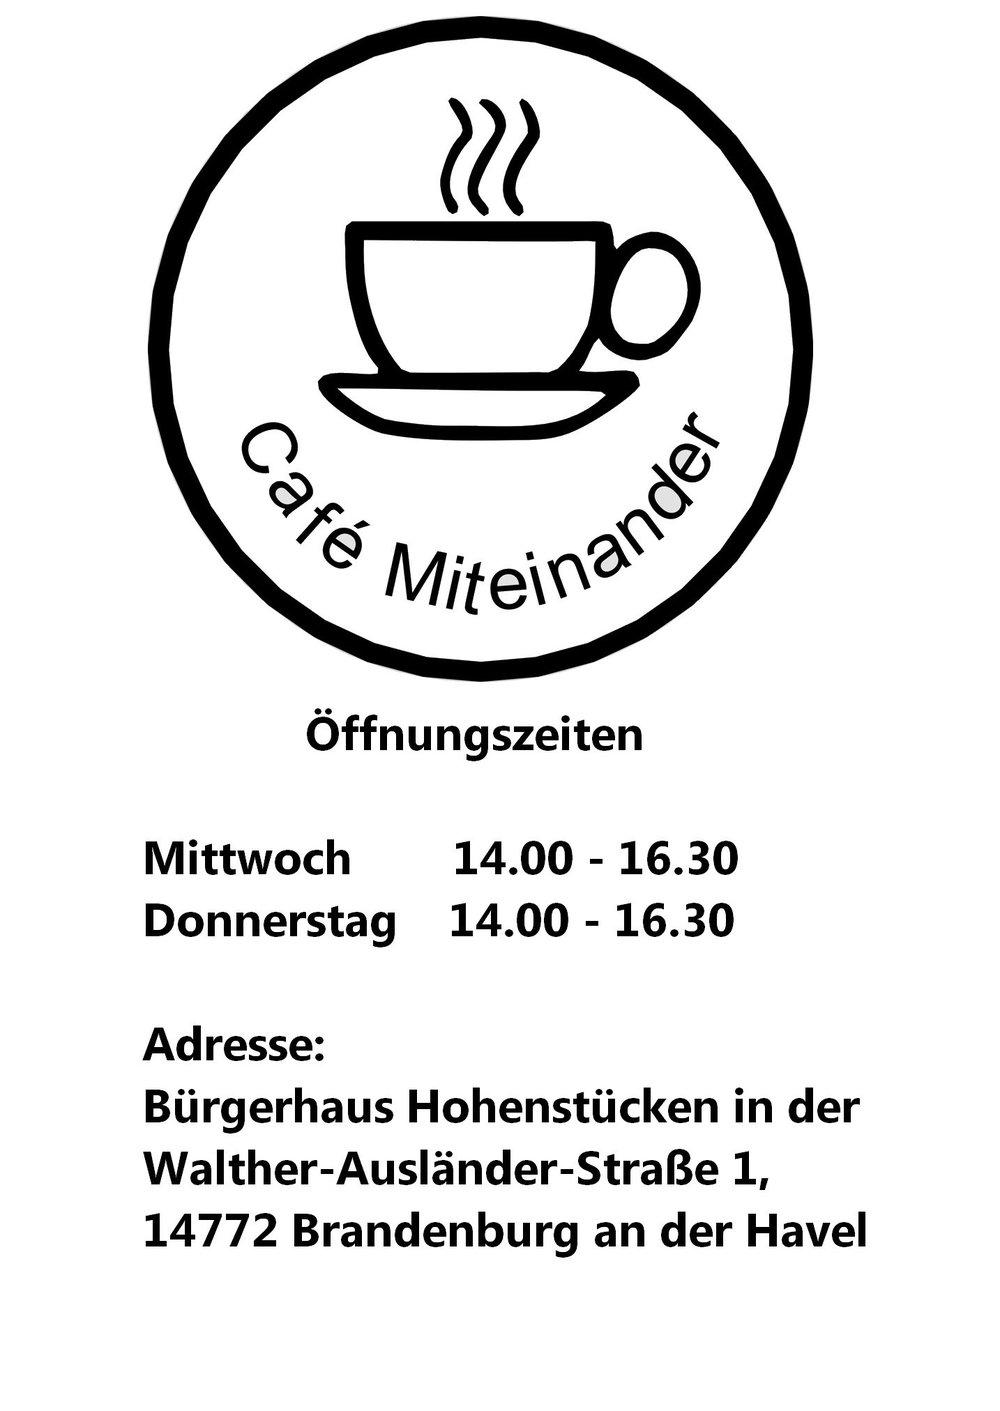 Café_Logo_Öffnungszeiten.jpg